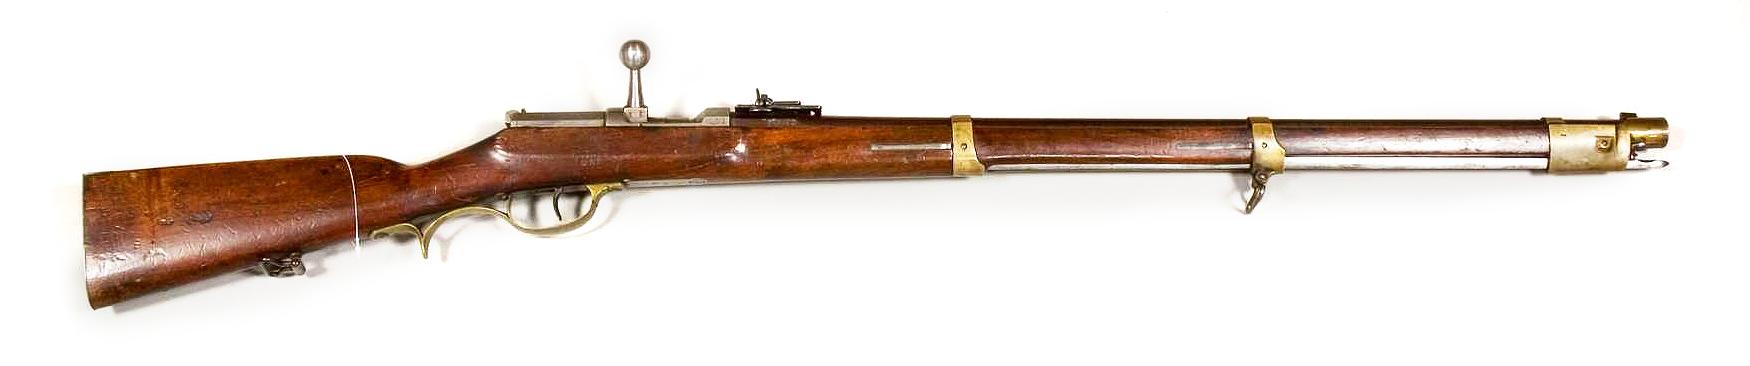 Игольчатая винтовка Дрейзе, обр 1841 года.